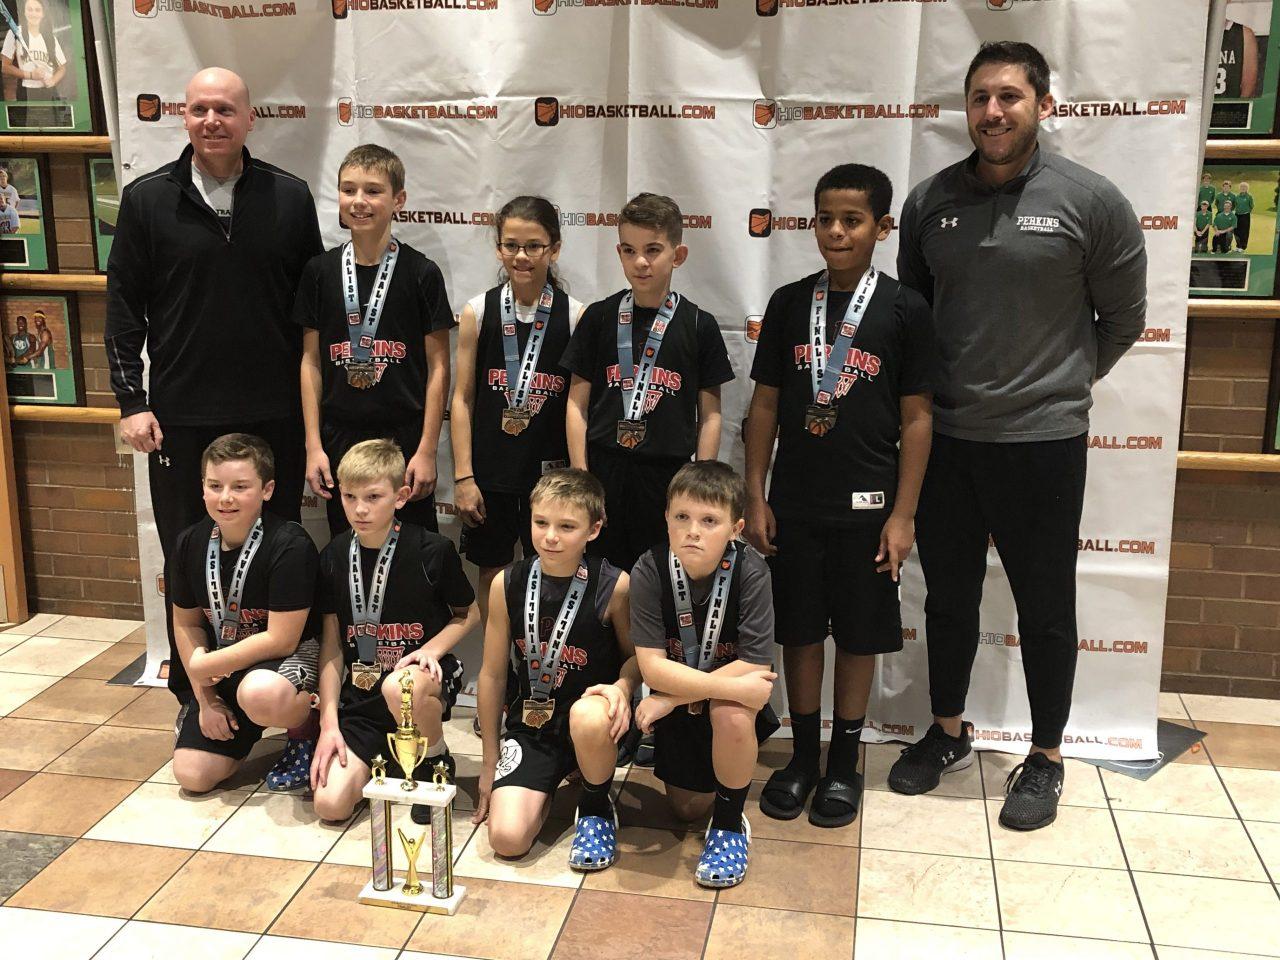 5th Boys A Gold Runner-Up perkins